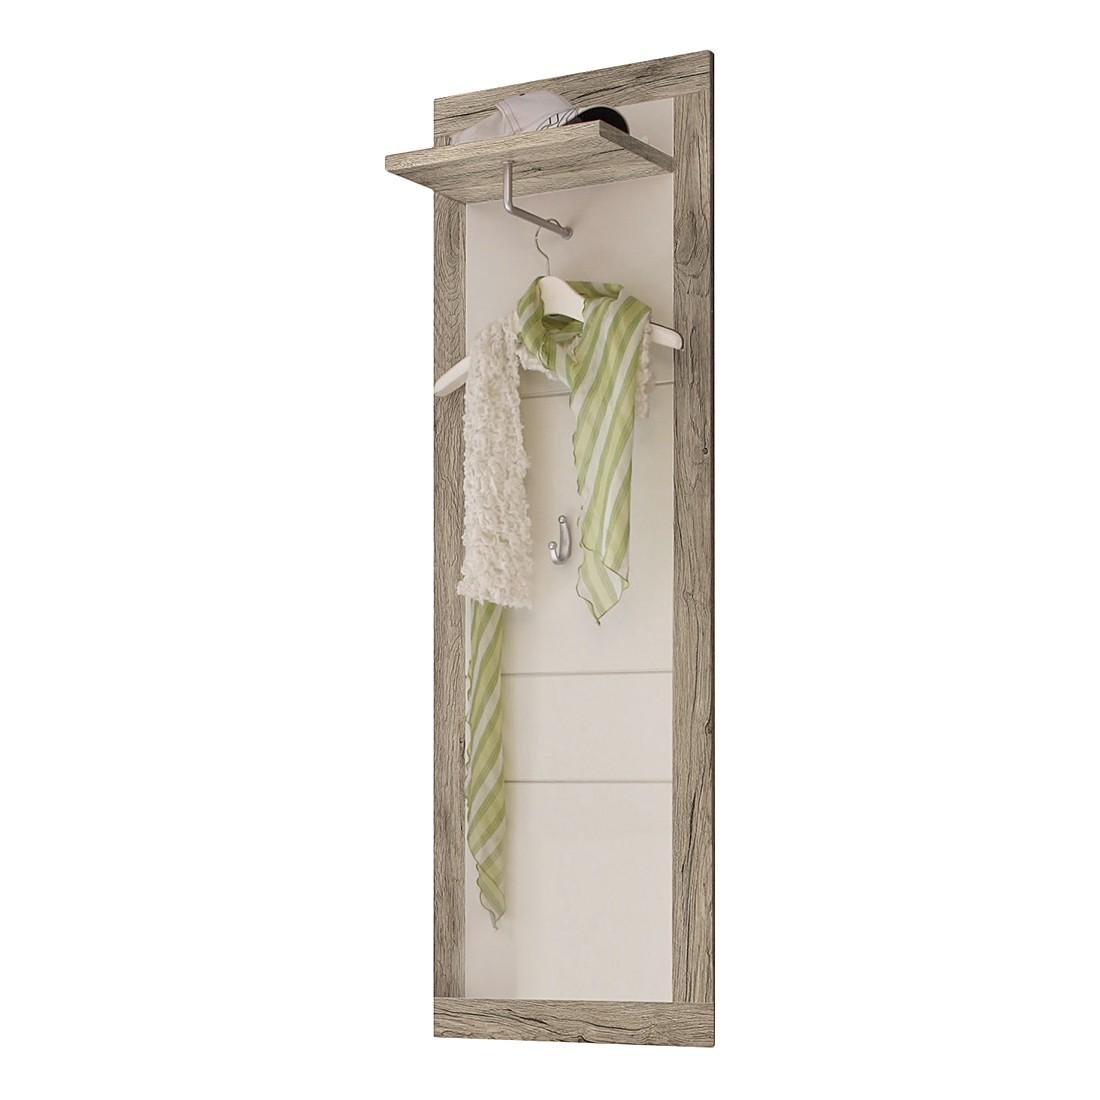 Garderobenpaneel LEONSO von MOOVED